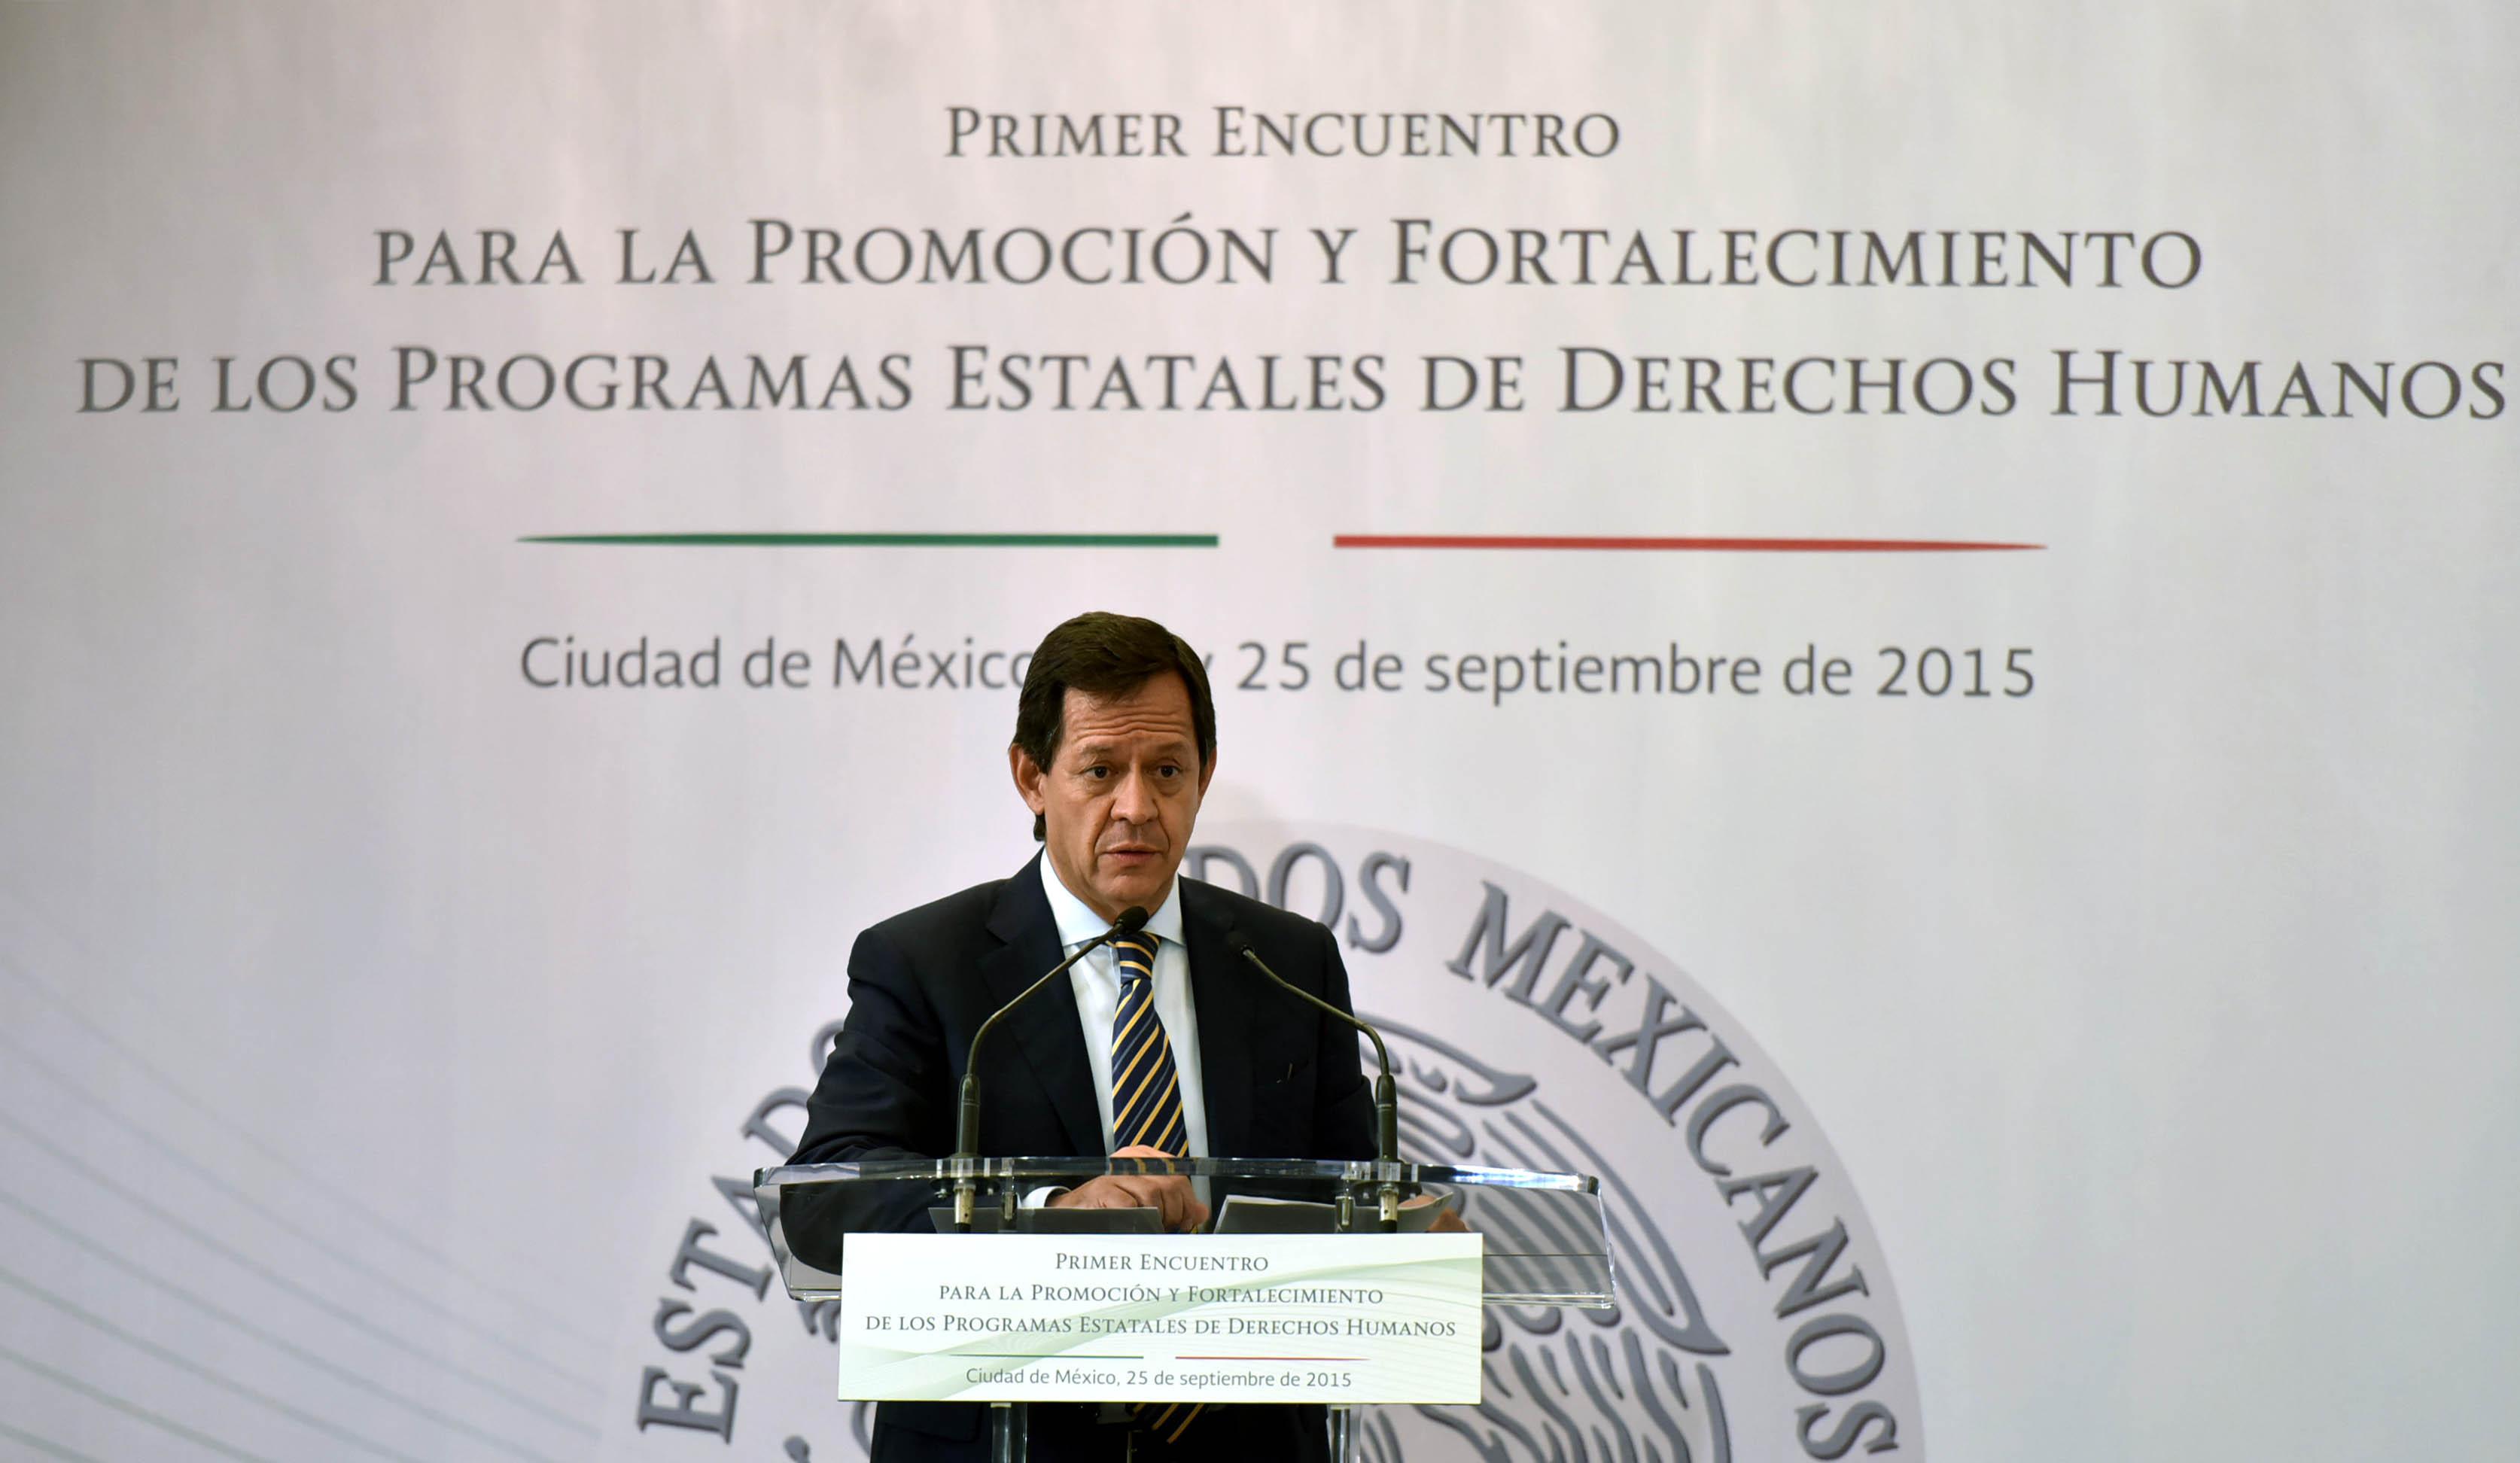 El Subsecretario de Derechos Humanos, Roberto Campa Cifrián, durante la clausura del Primer Encuentro para la Promoción y Fortalecimiento de los Programas Estatales de Derechos Humanos.